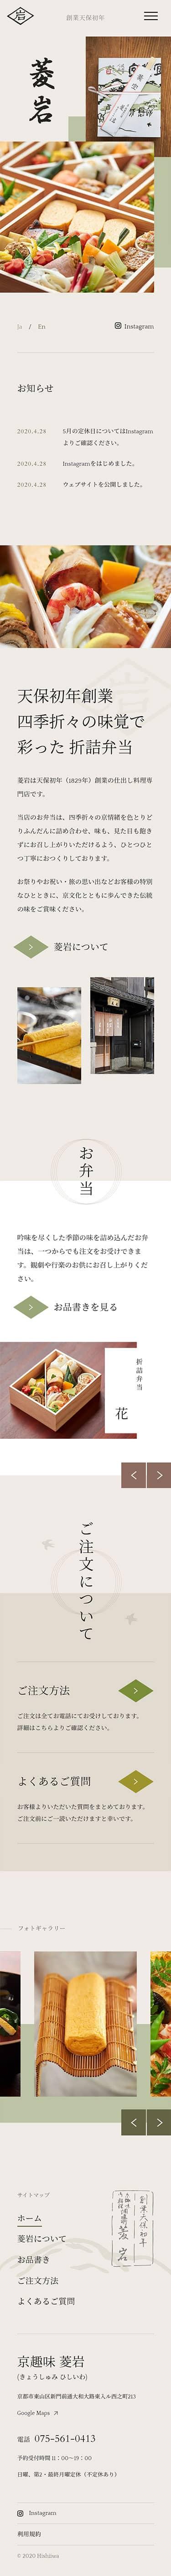 菱岩 - 天保初年創業 仕出し料理専門店